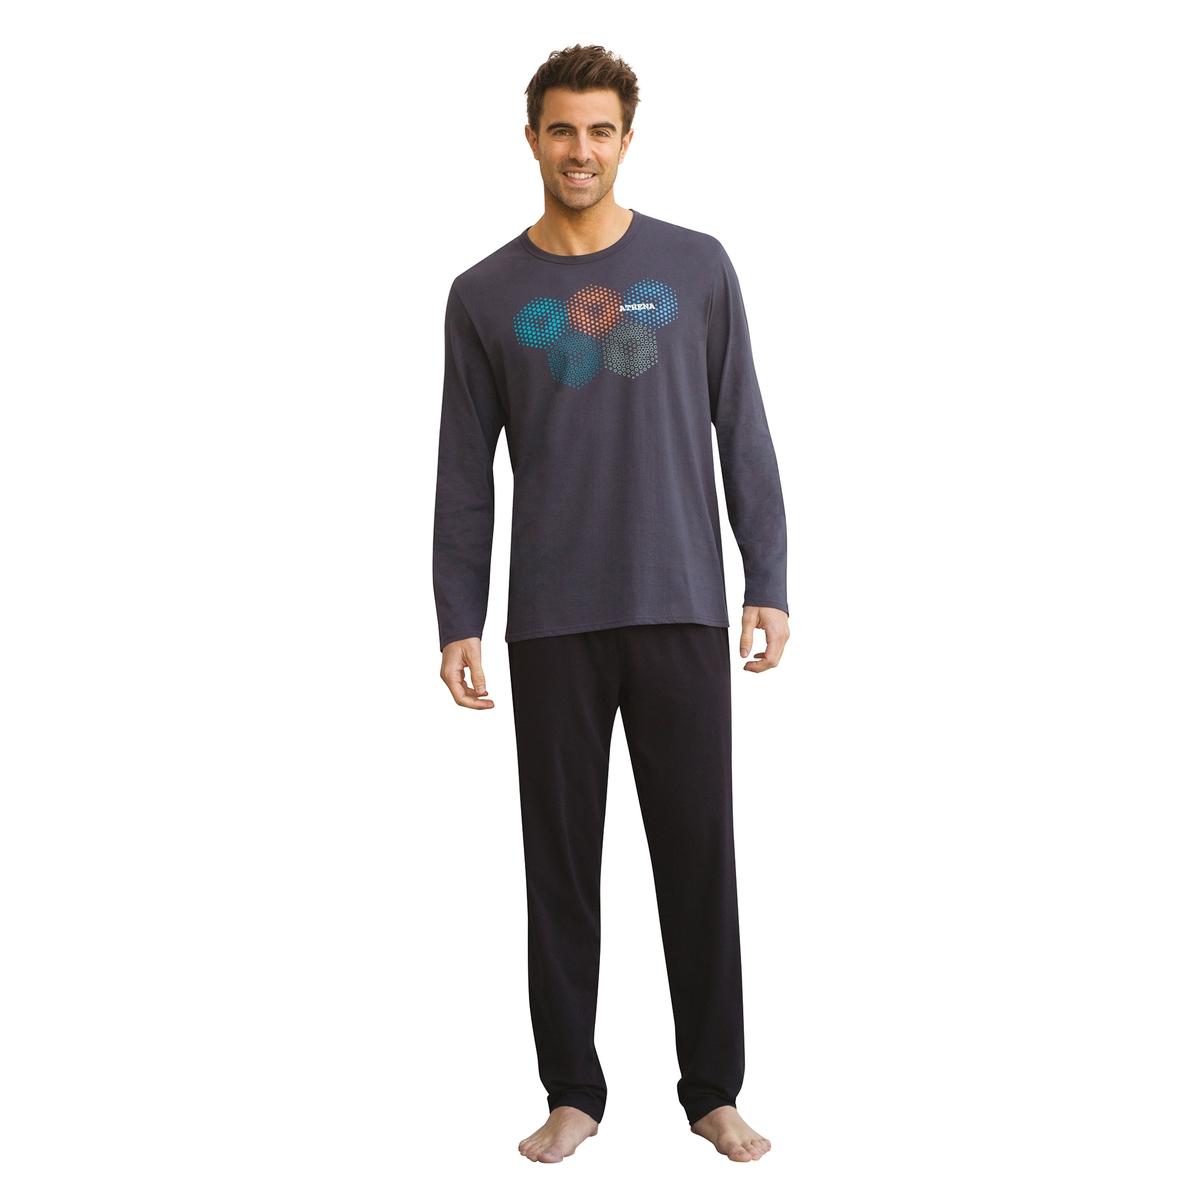 Пижама длинная из хлопка с круглым вырезом, HEXAGONE